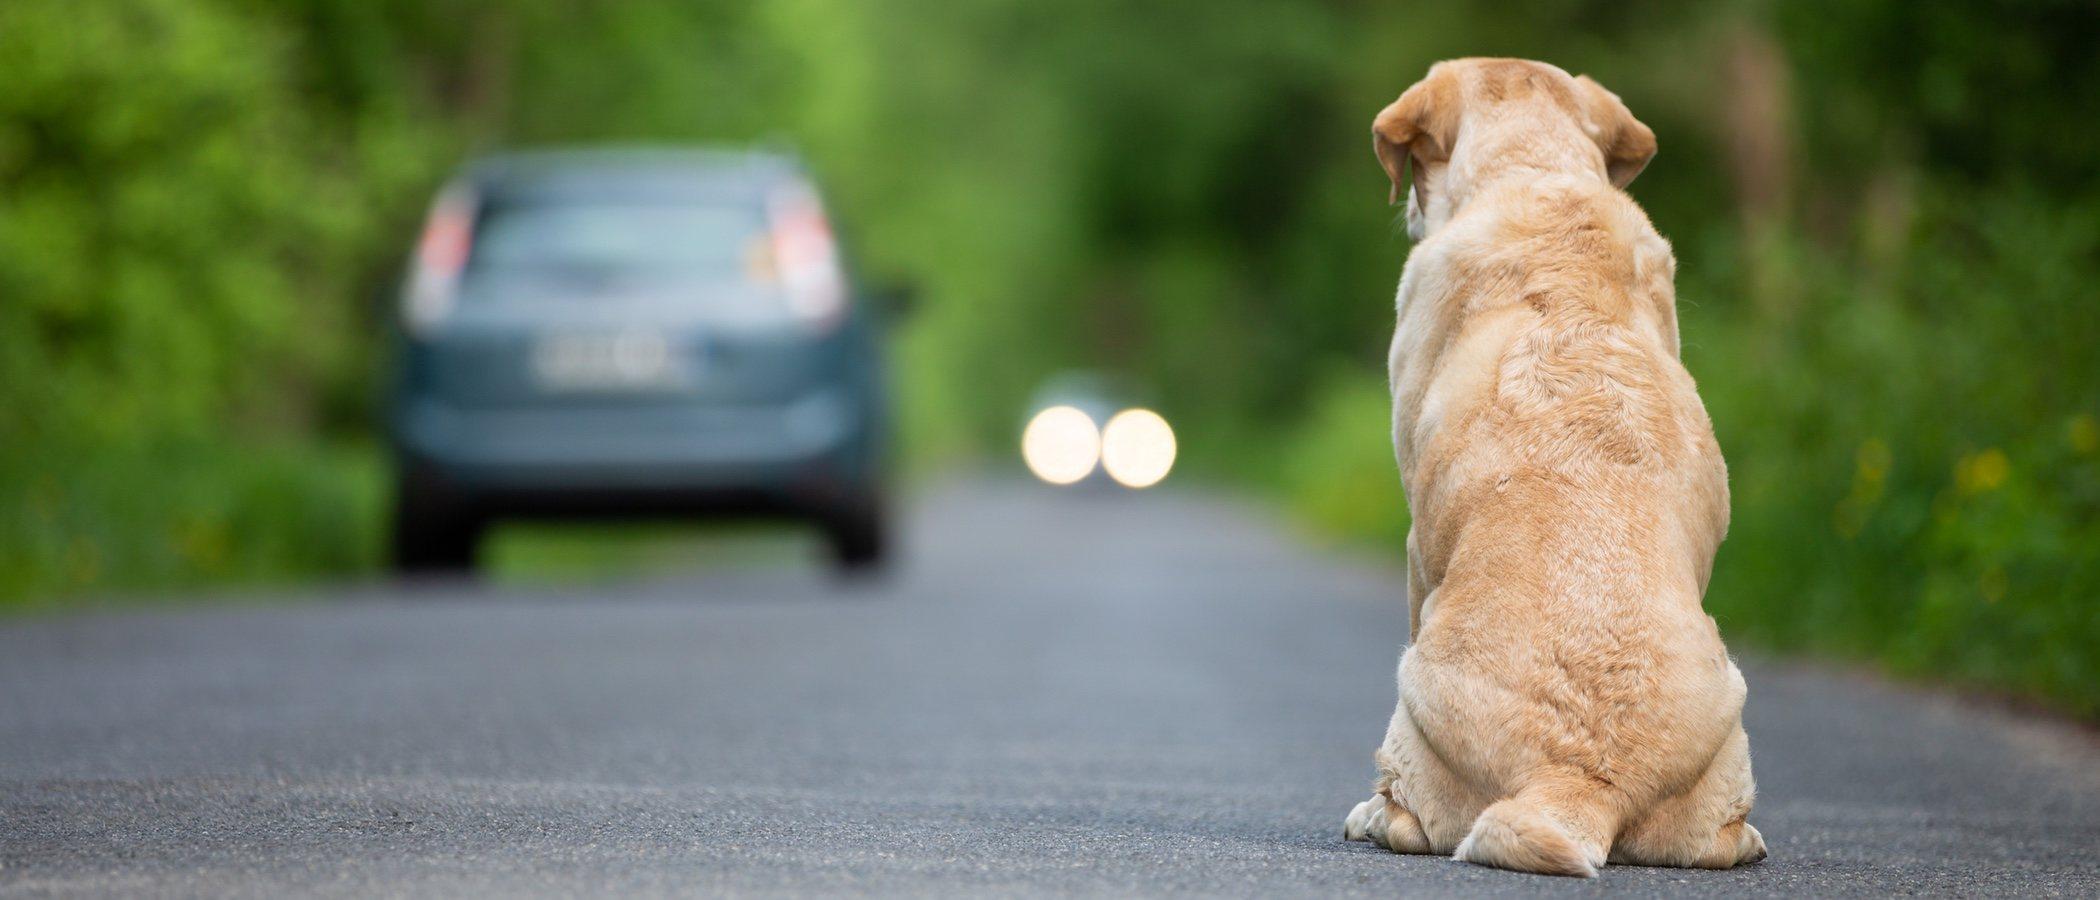 Multas por abandono animal en cada Comunidad Autónoma